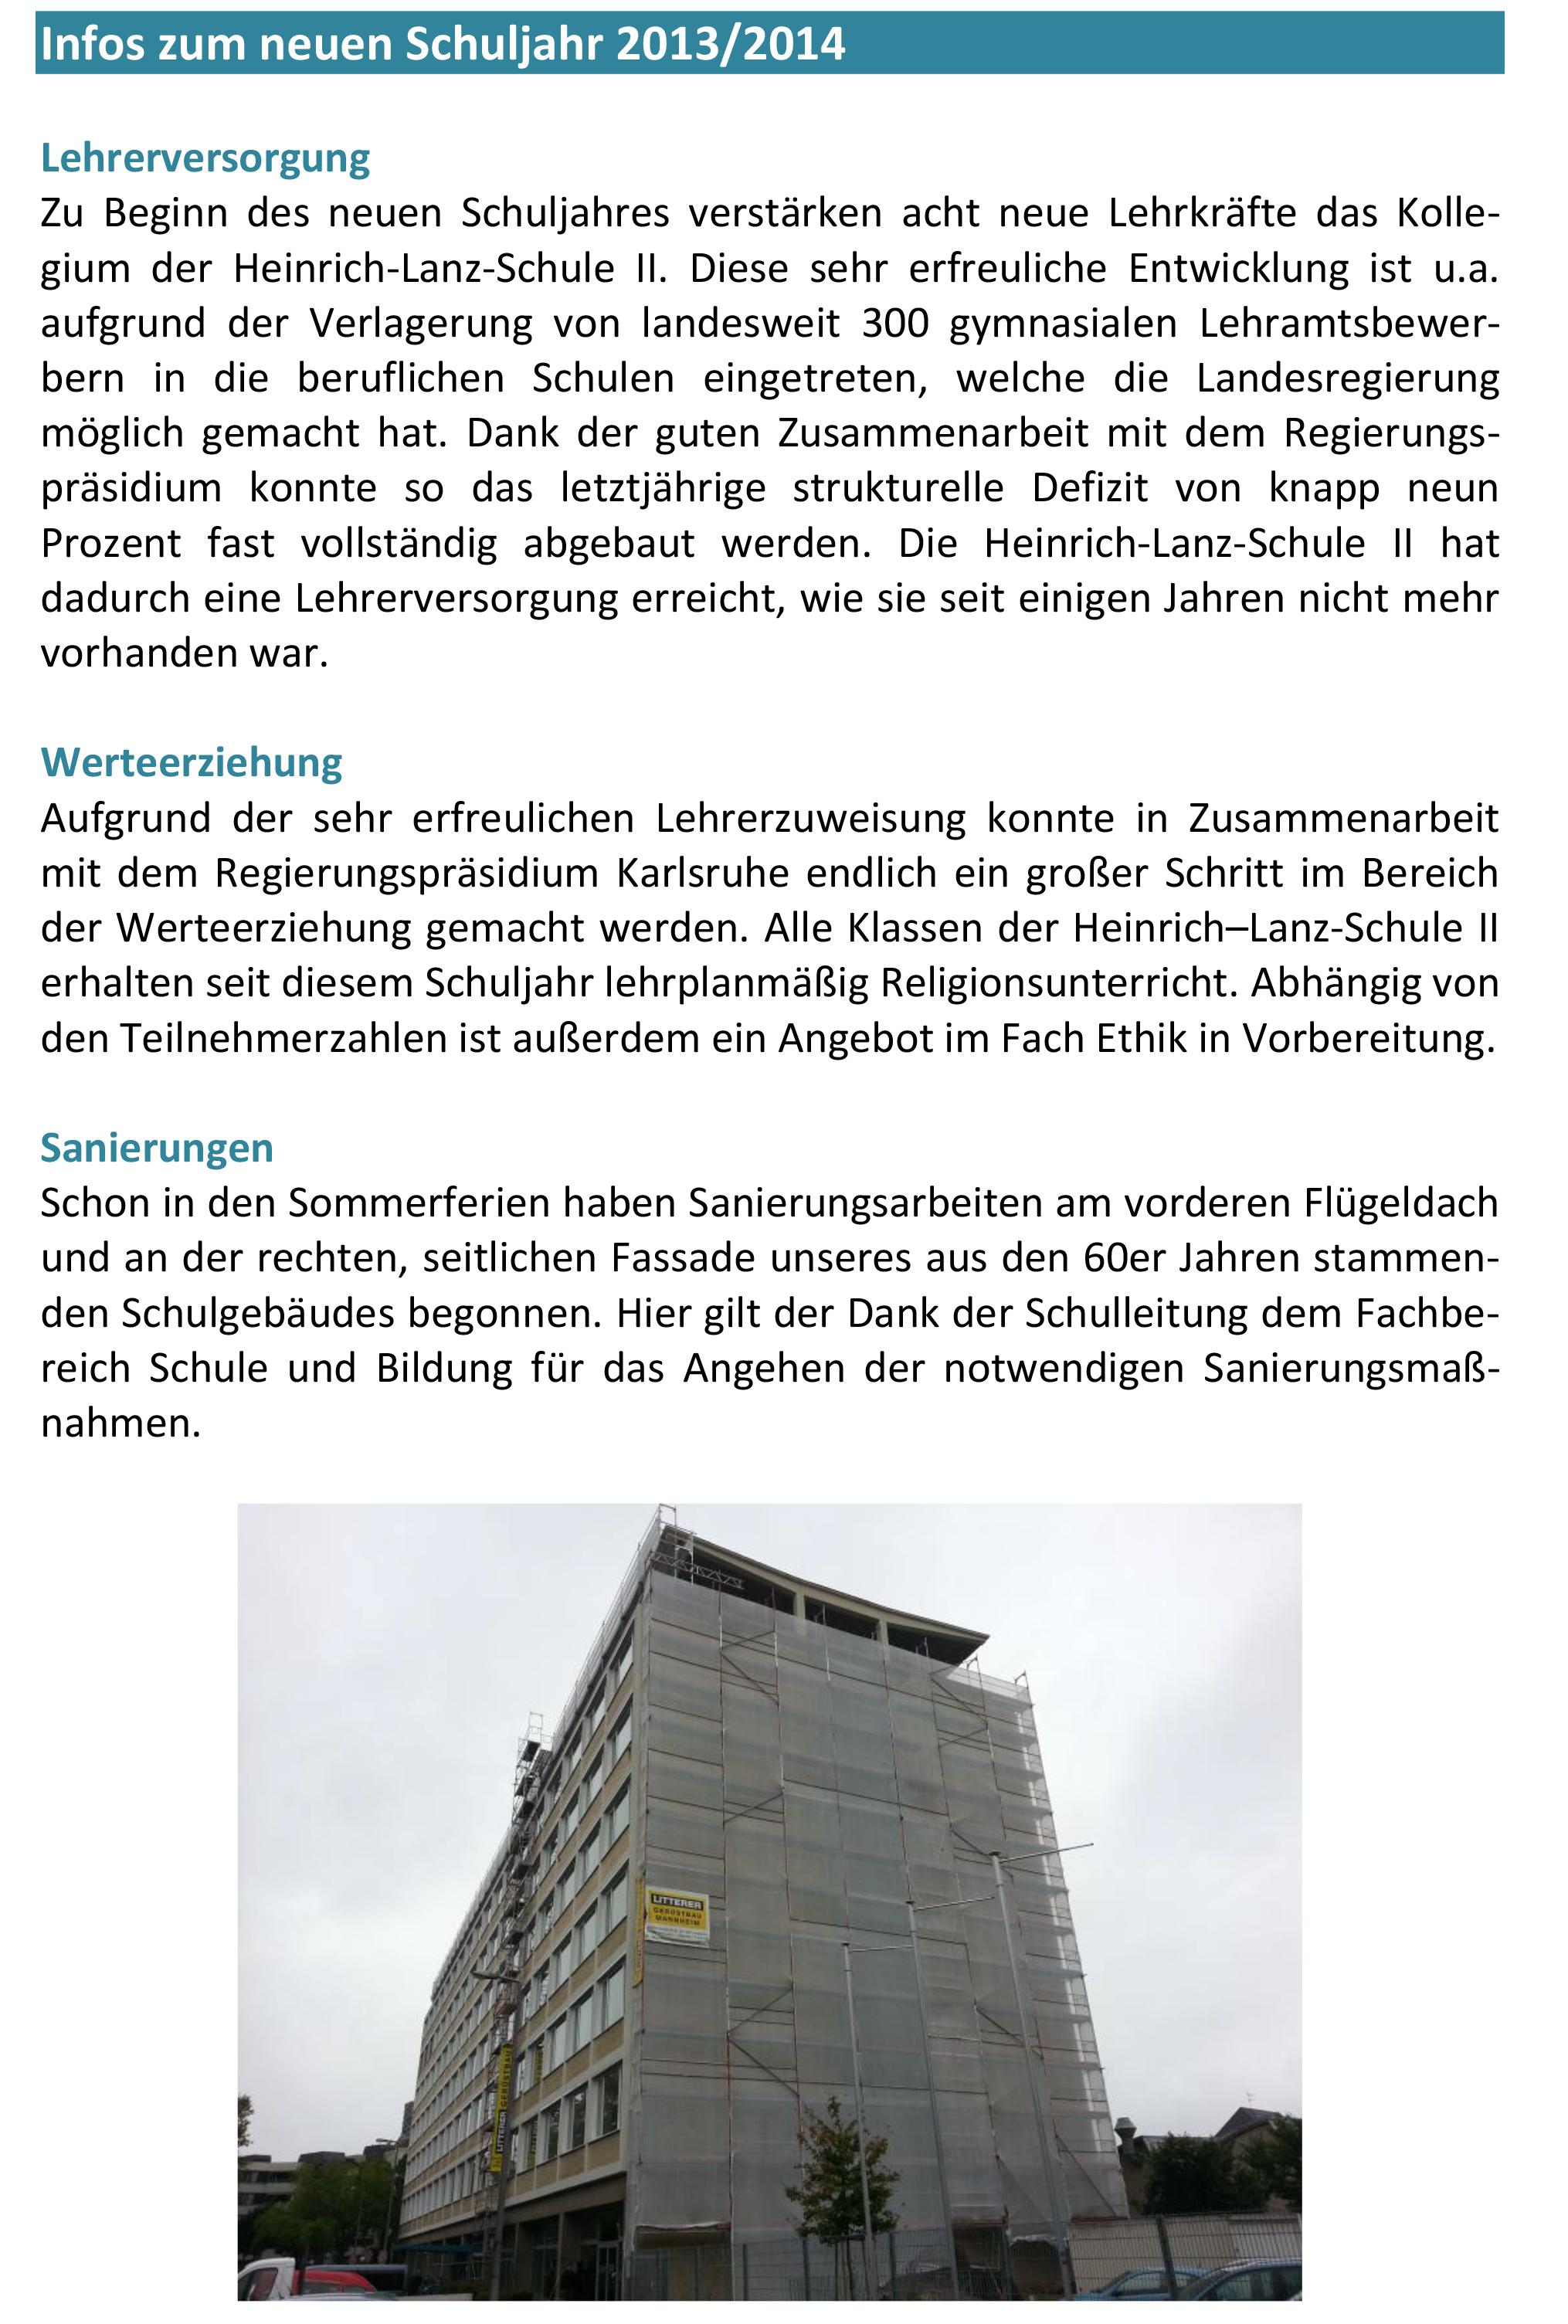 Infos zum neuen Schuljahr 2013